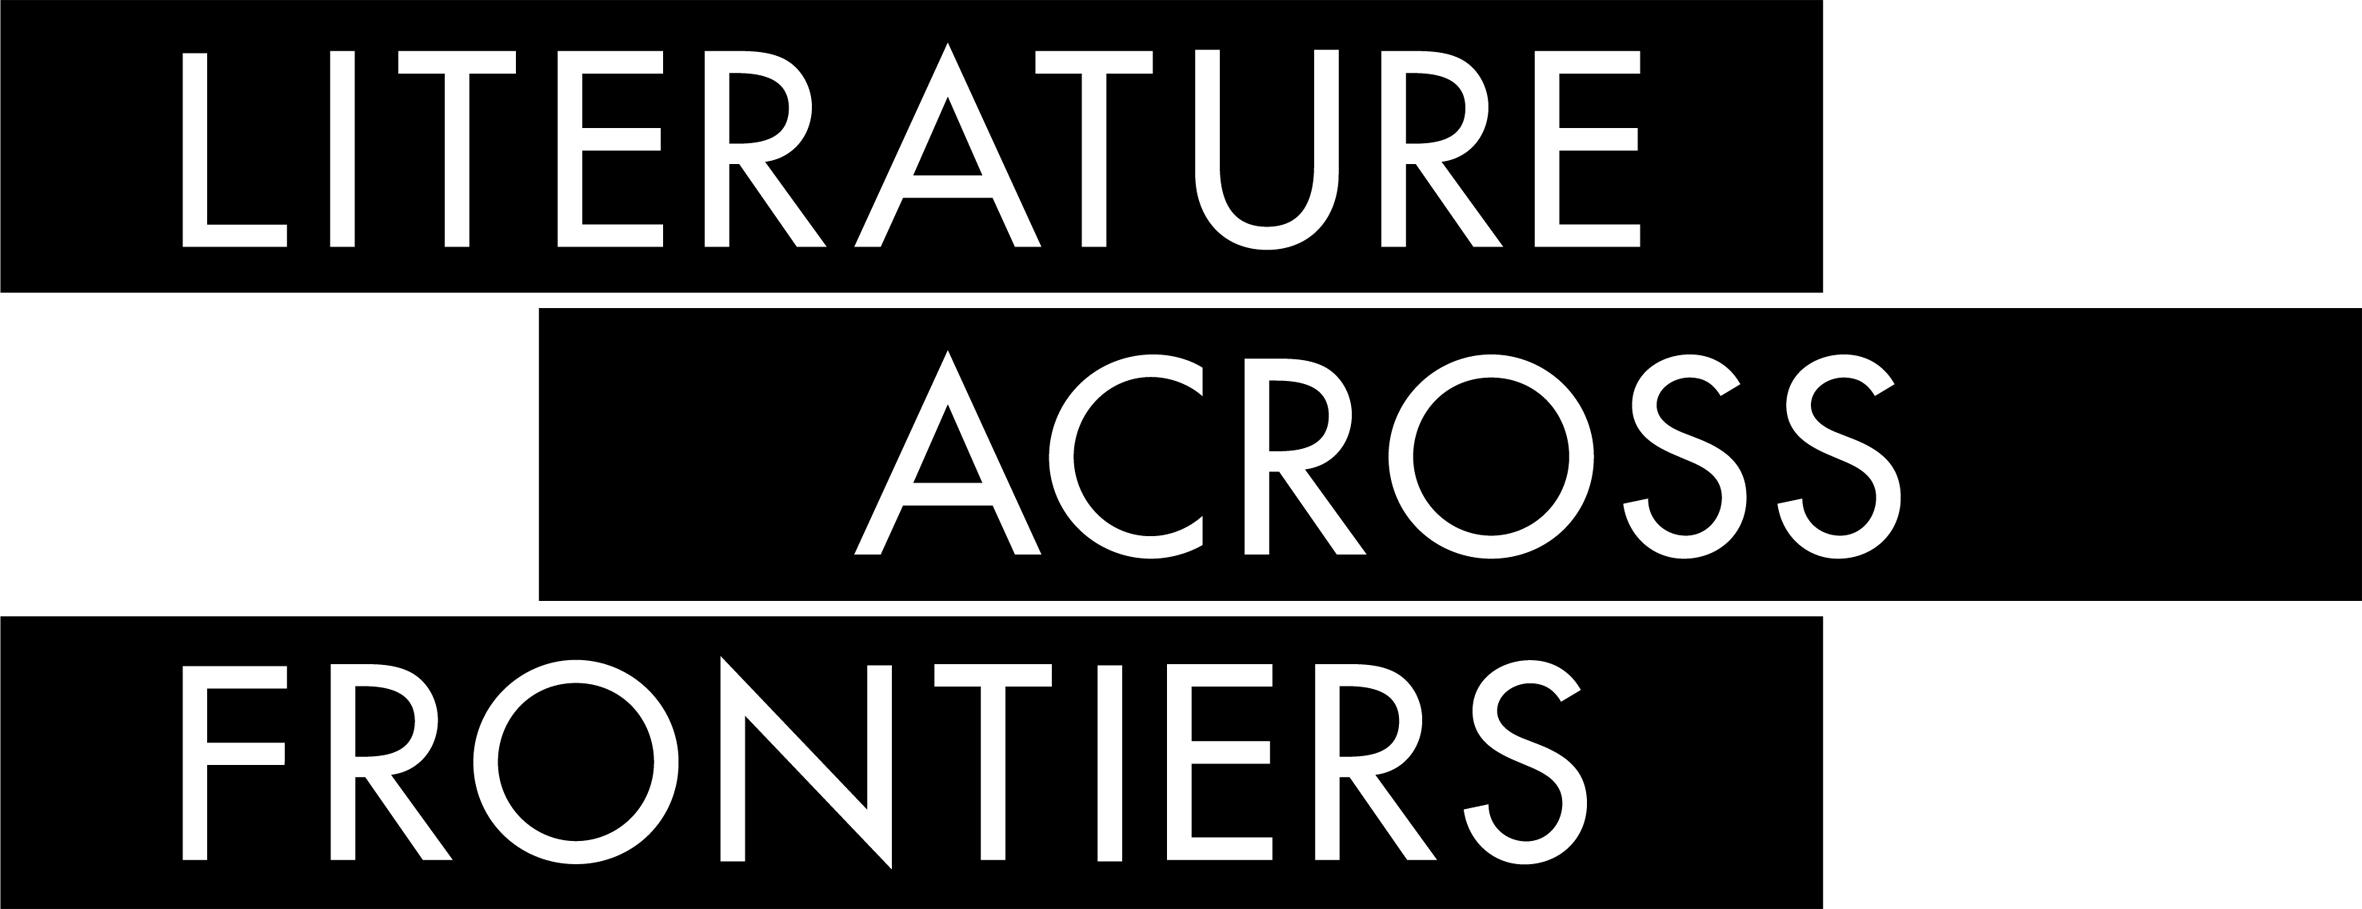 Literature Across Frontiers